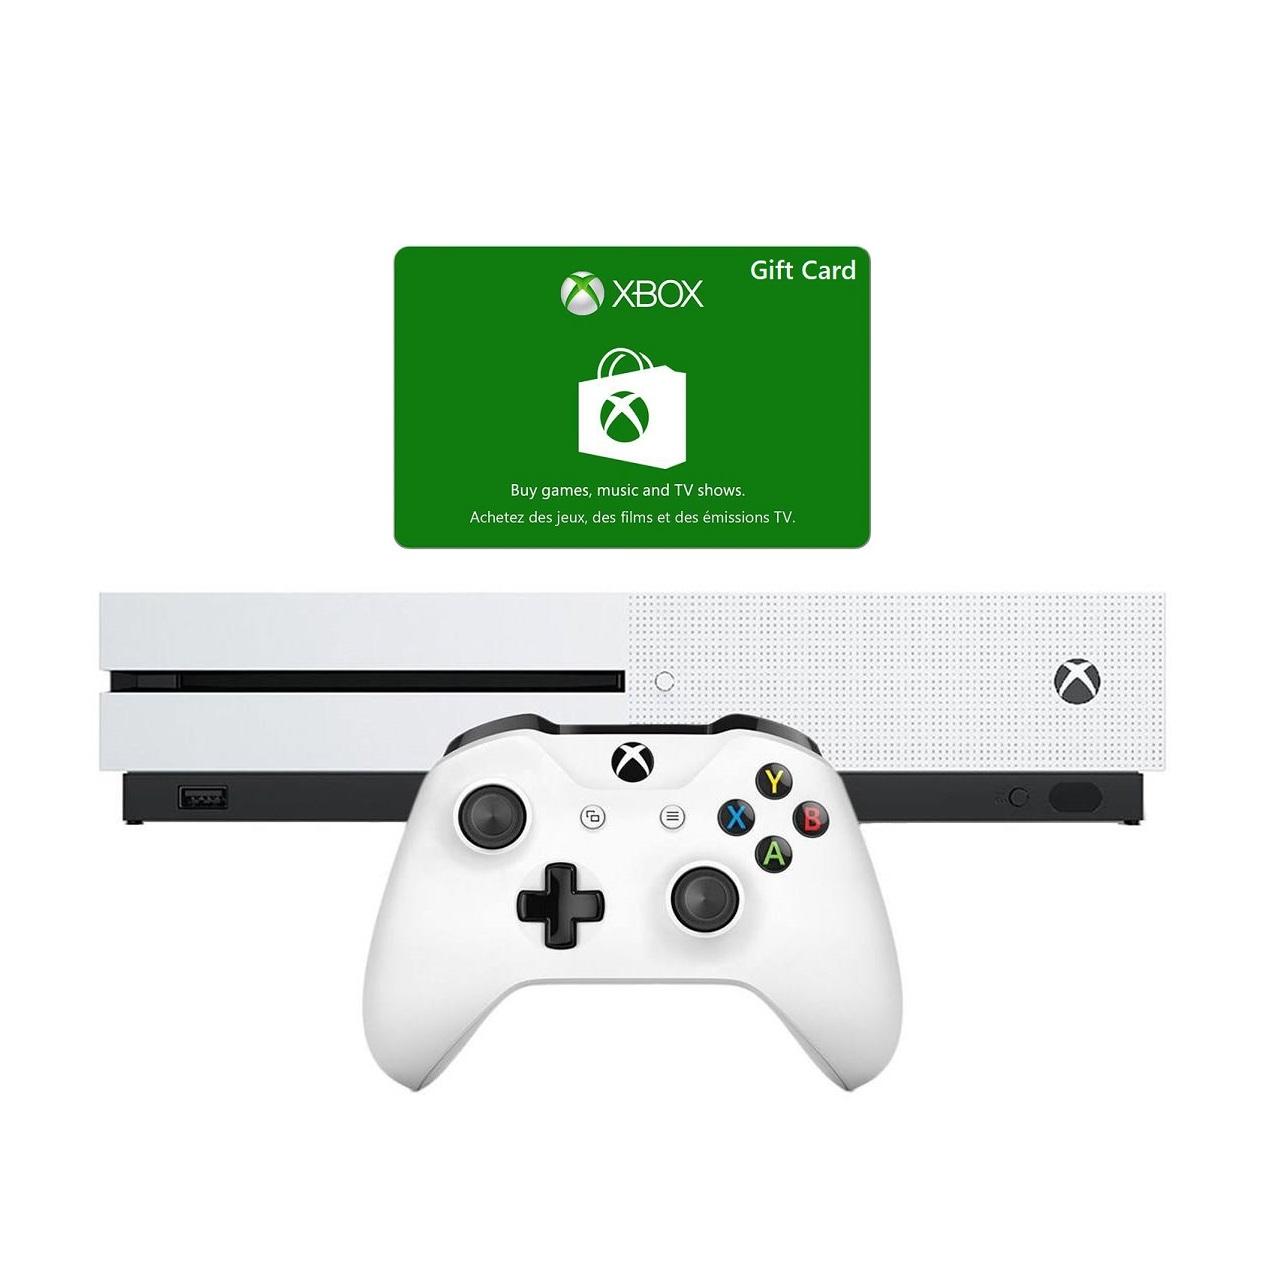 مجموعه کنسول بازی مایکروسافت مدل Xbox One ظرفیت 1 ترابایت | Microsoft Xbox One 1TB Bundle Game Console